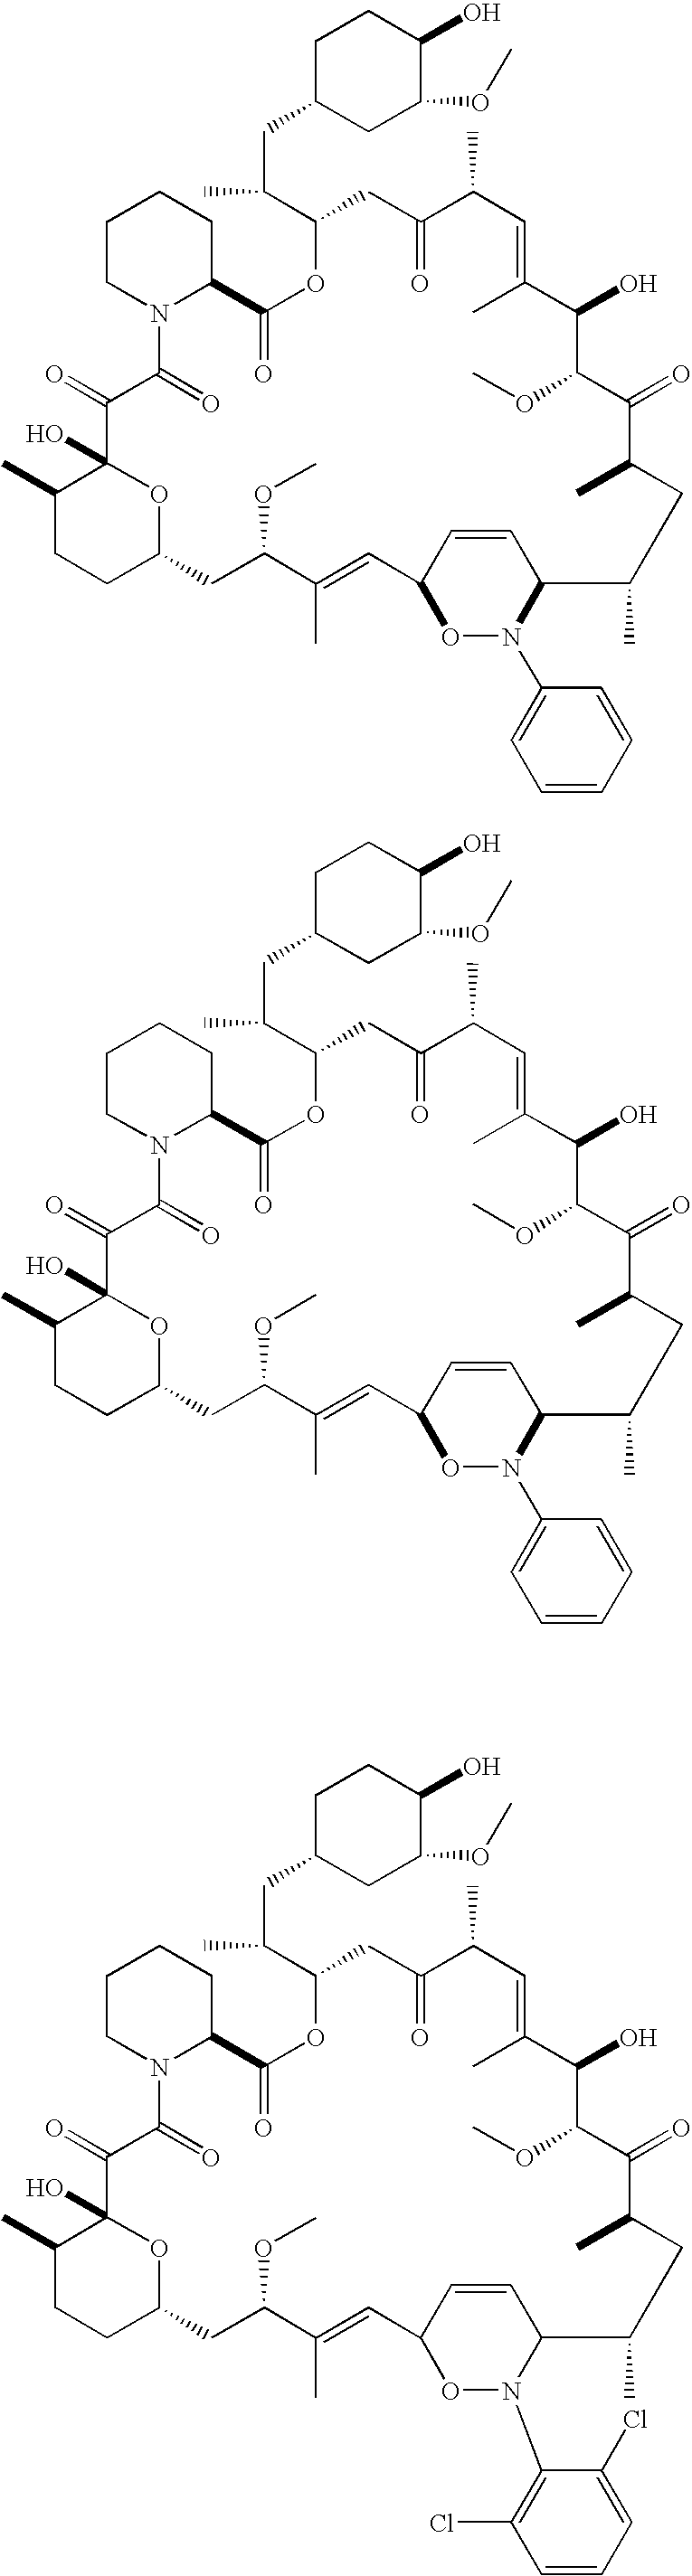 Figure US07470682-20081230-C00007